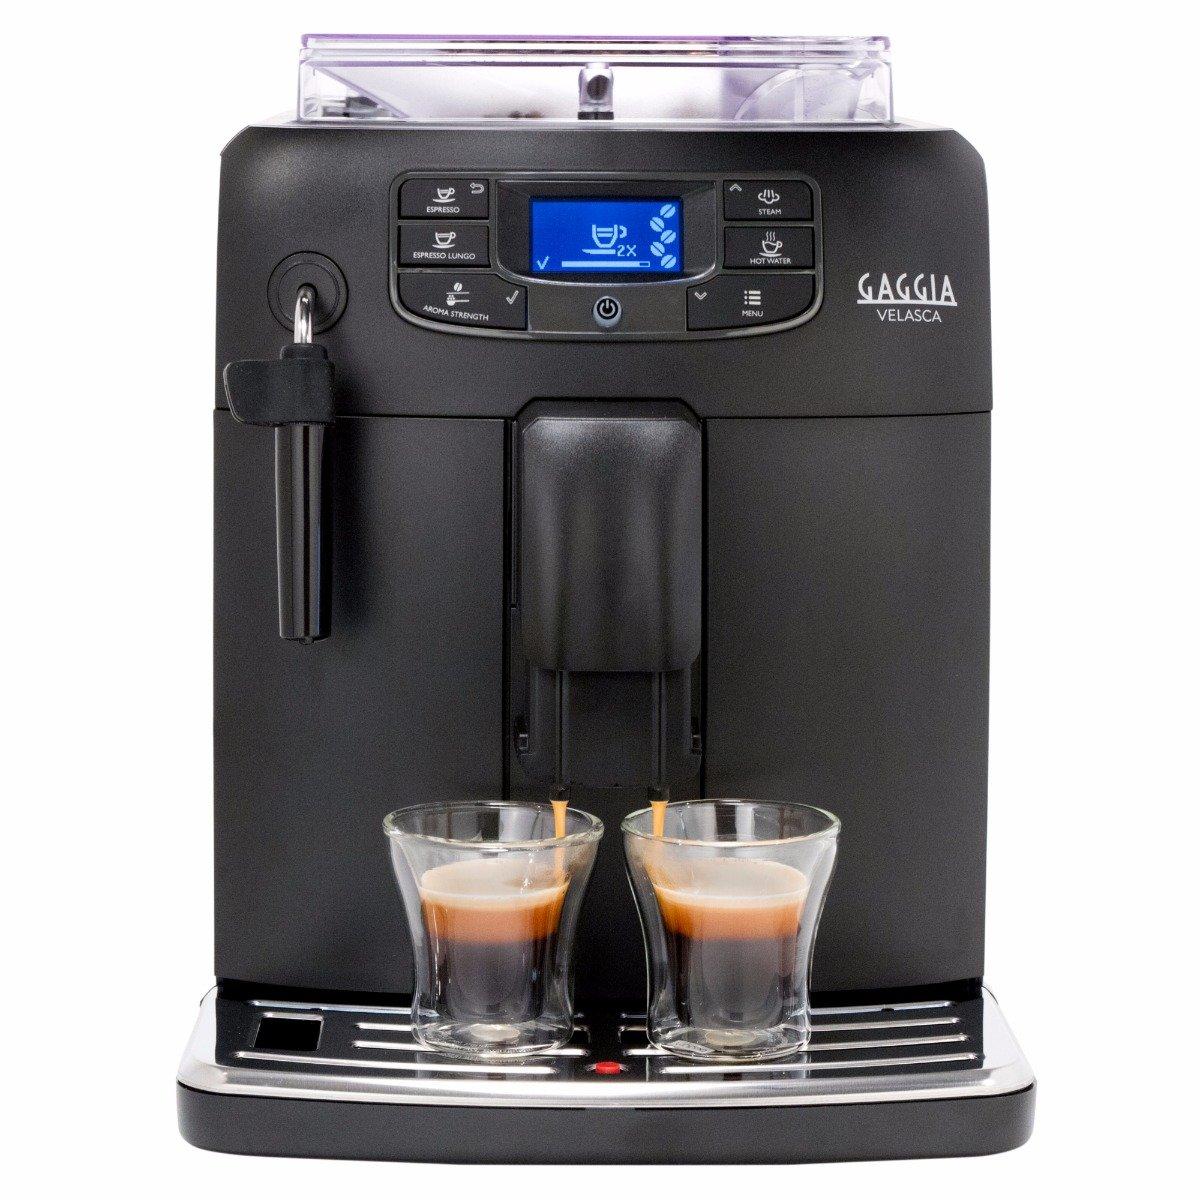 Gaggia Velasca Super Automatic Espresso Machine - Black Model No.RI8260/47